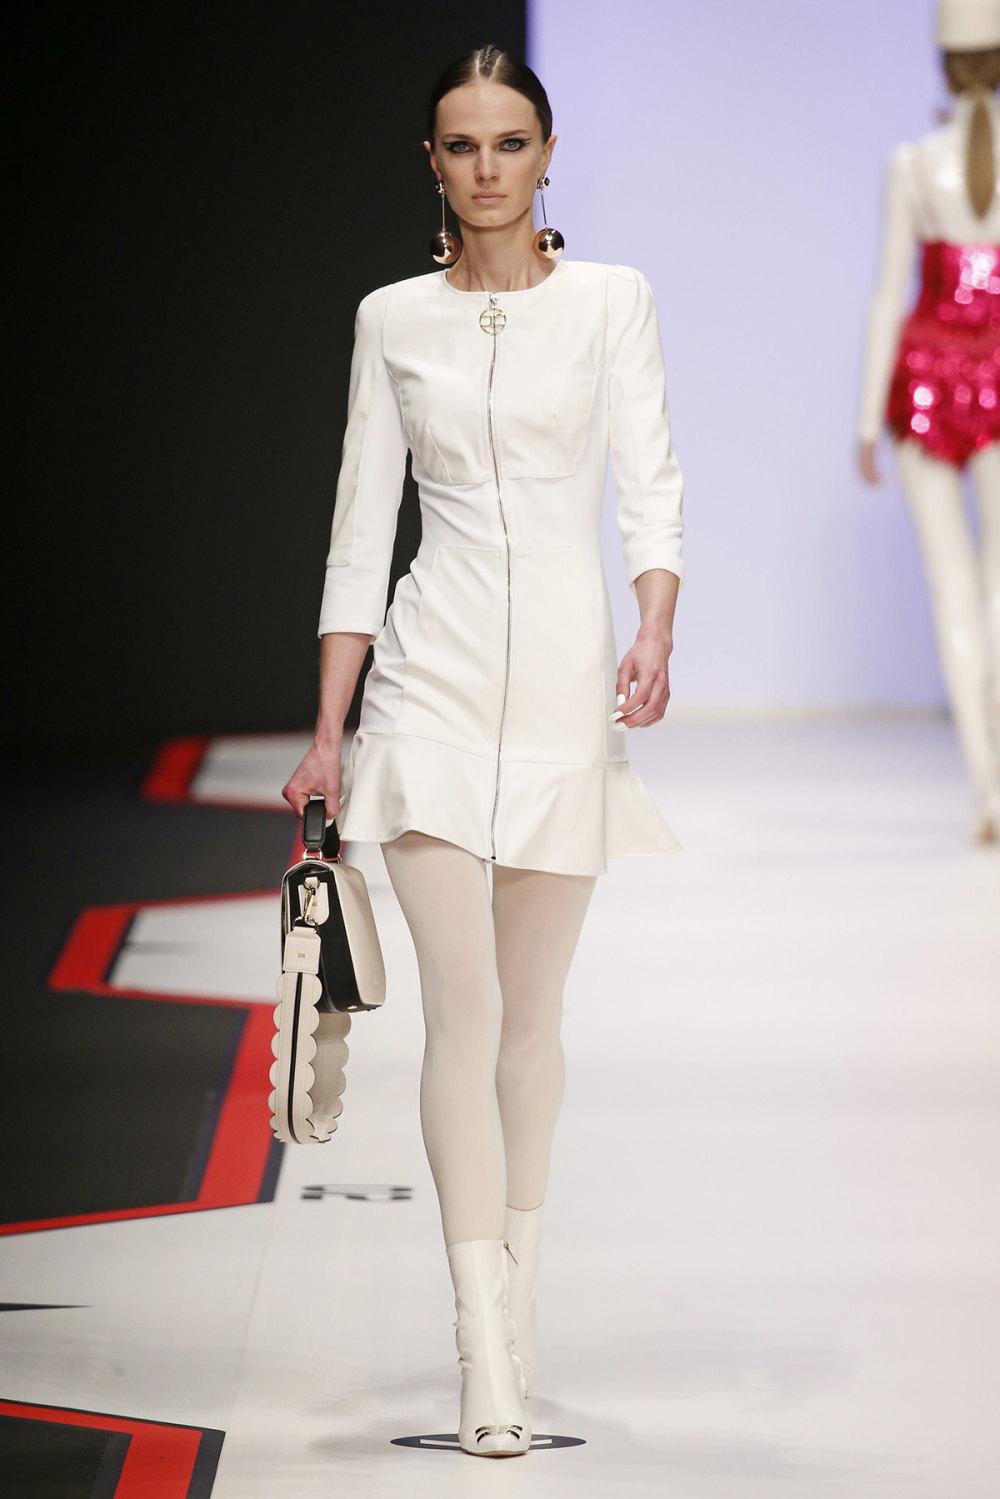 Elisabetta Franchi时装系列简约時尚的蓝色外套衬有印花迷你裙-29.jpg